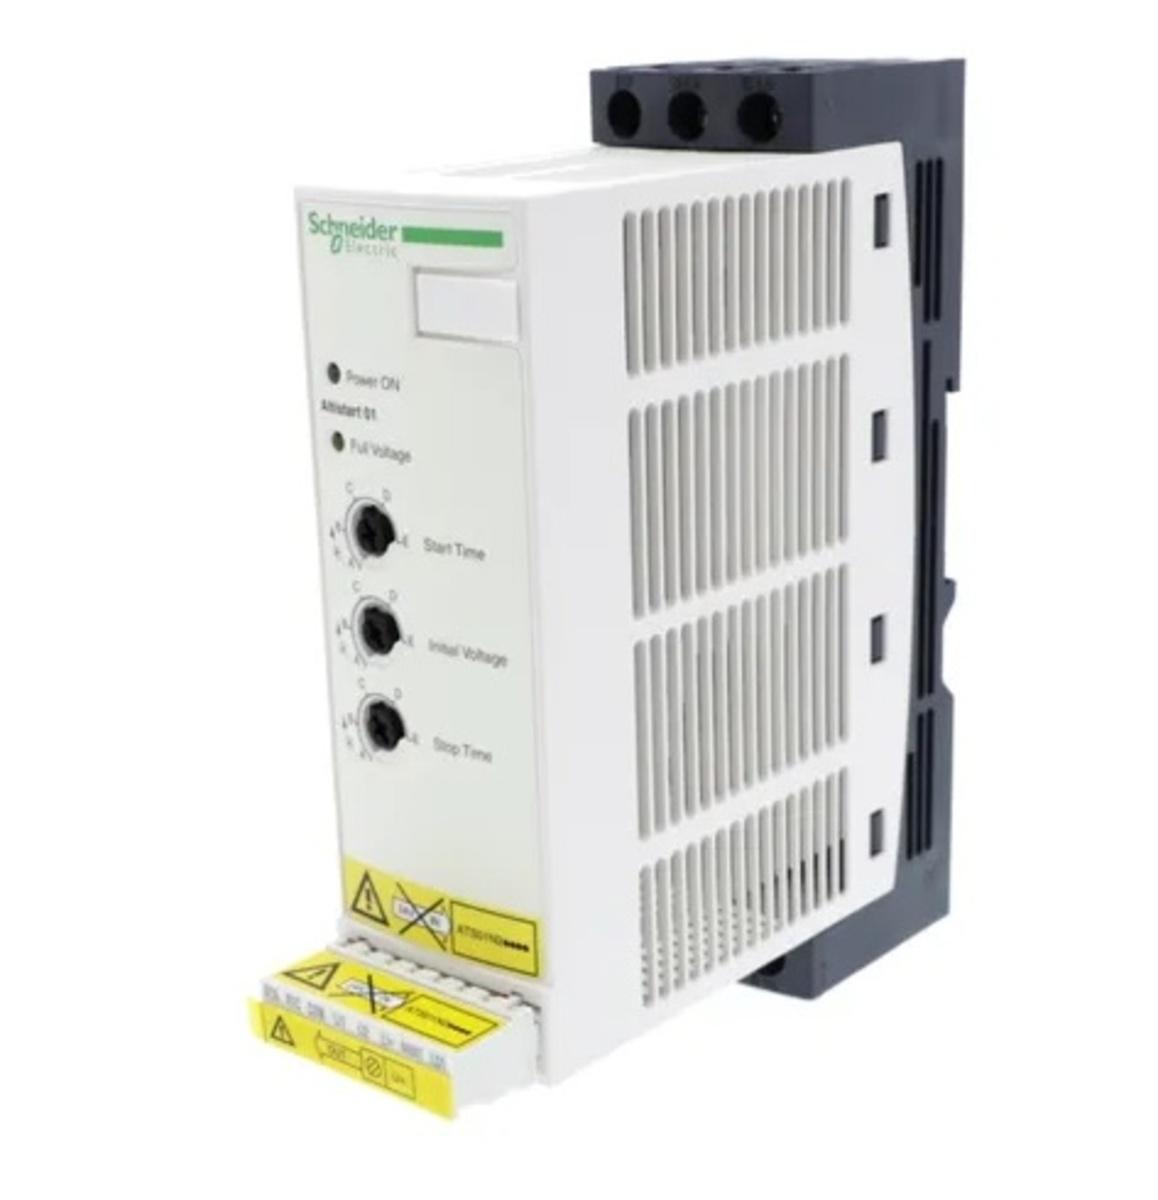 ATS01N222QN PARTIDA SUAVE SOFT START MICROPROCESSADO 22 A - 380-415 VAC SCHNEIDER